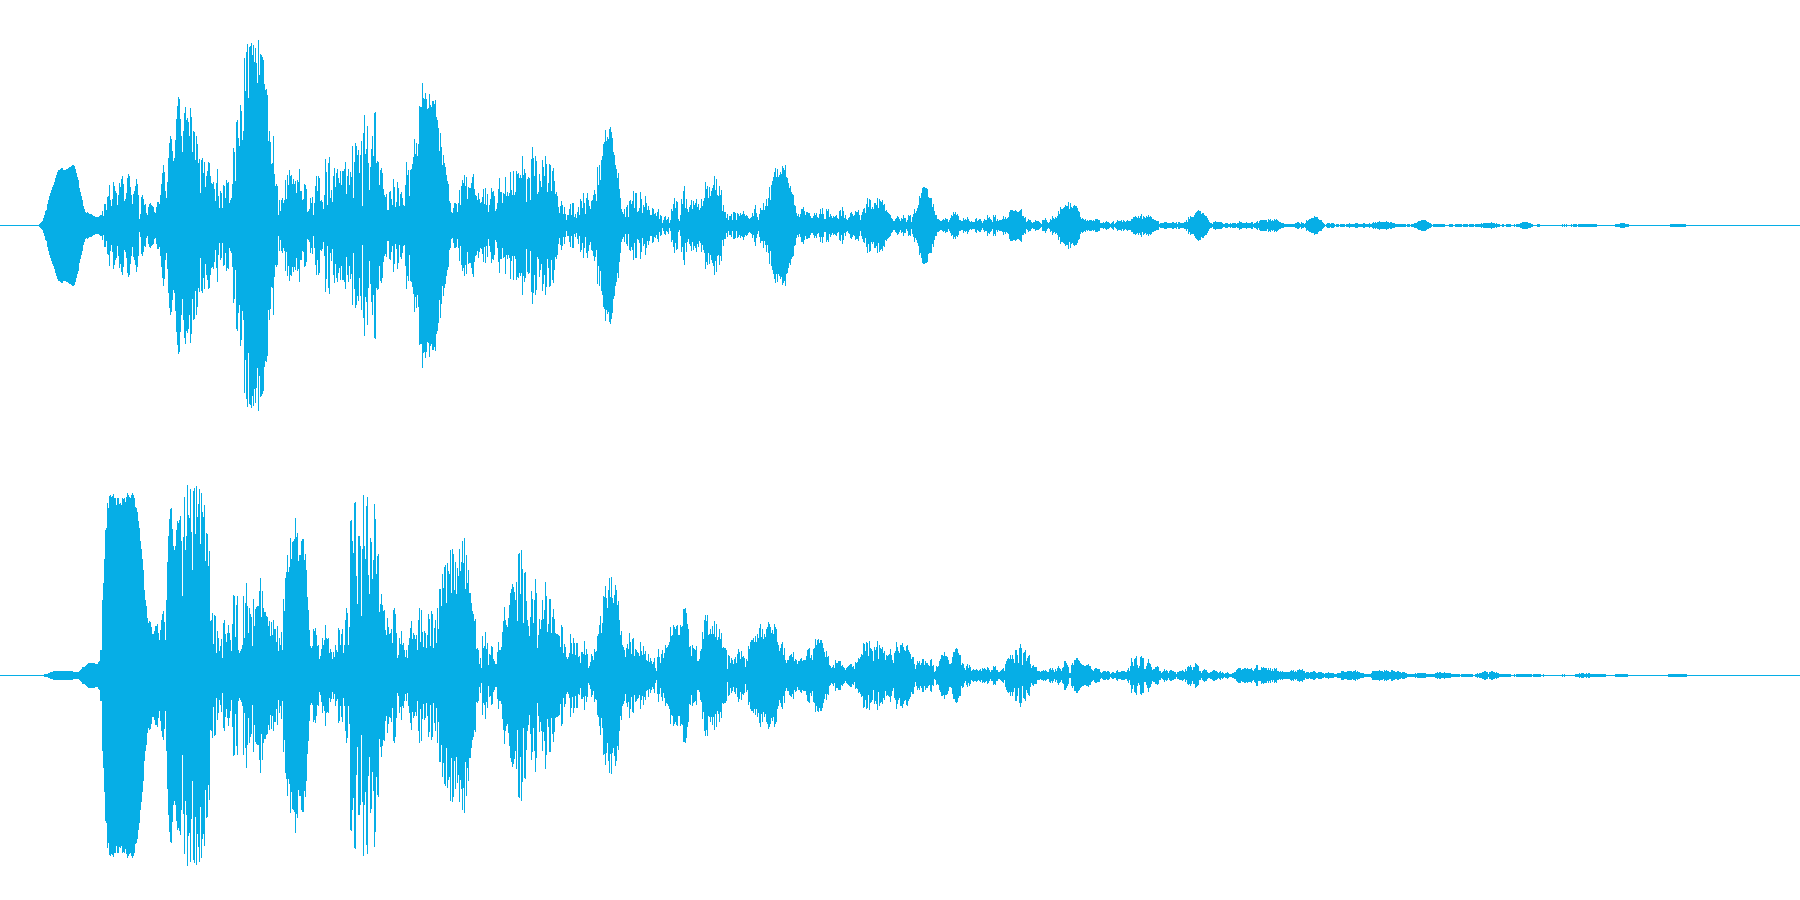 綺麗な水音、悩んでいる感じの音の再生済みの波形